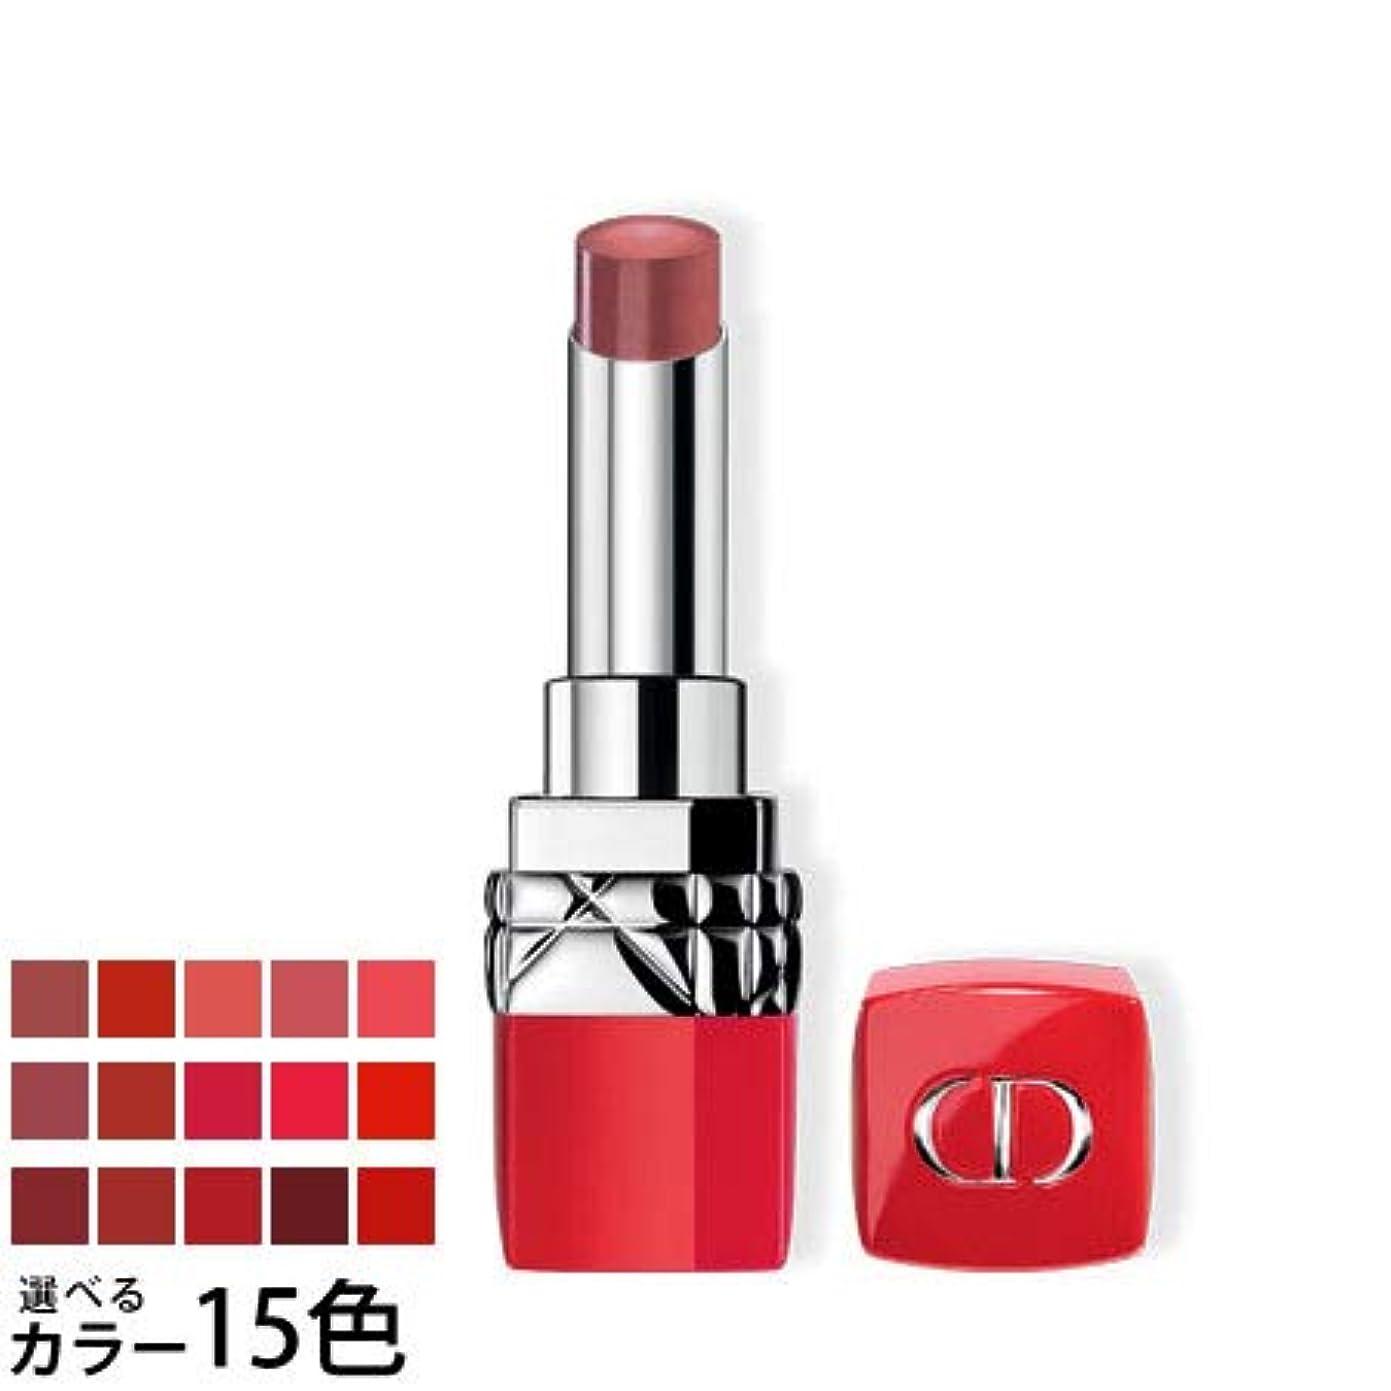 ストレッチコーデリアムスタチオディオール ルージュ ディオール ウルトラ ルージュ 選べる15色 -Dior- 851